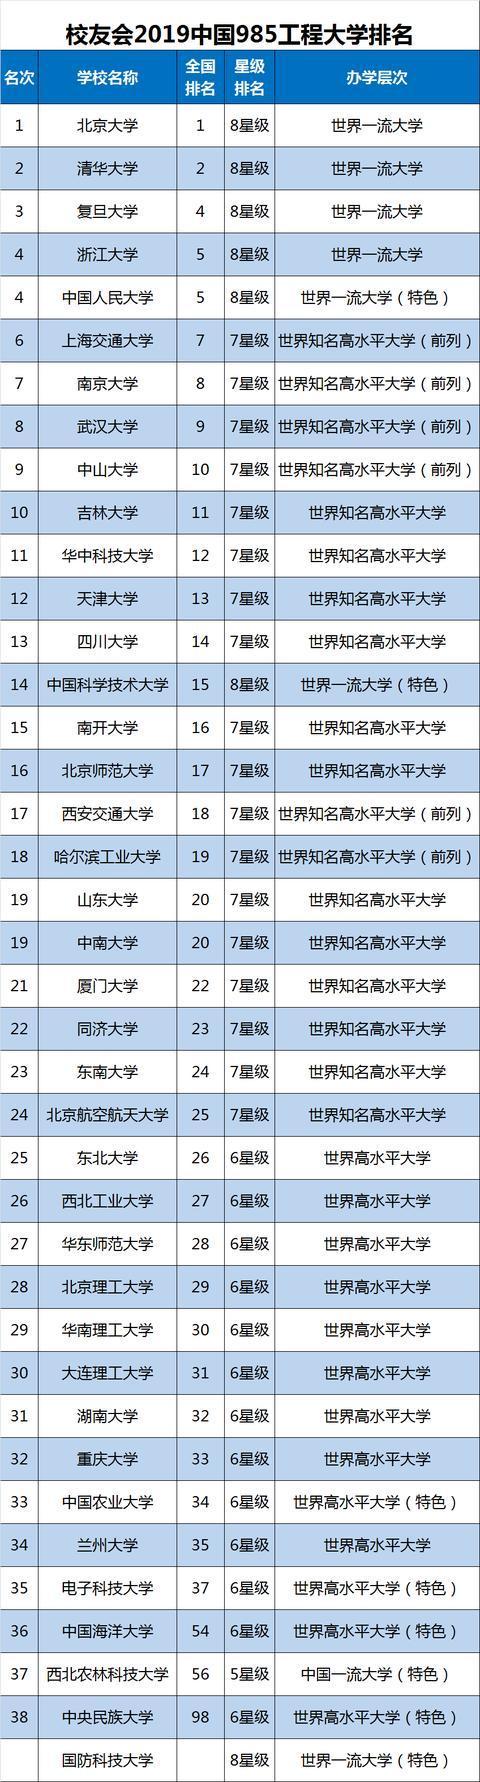 985大学最新排名:这三所C9高校开始掉队,无缘进全国前10